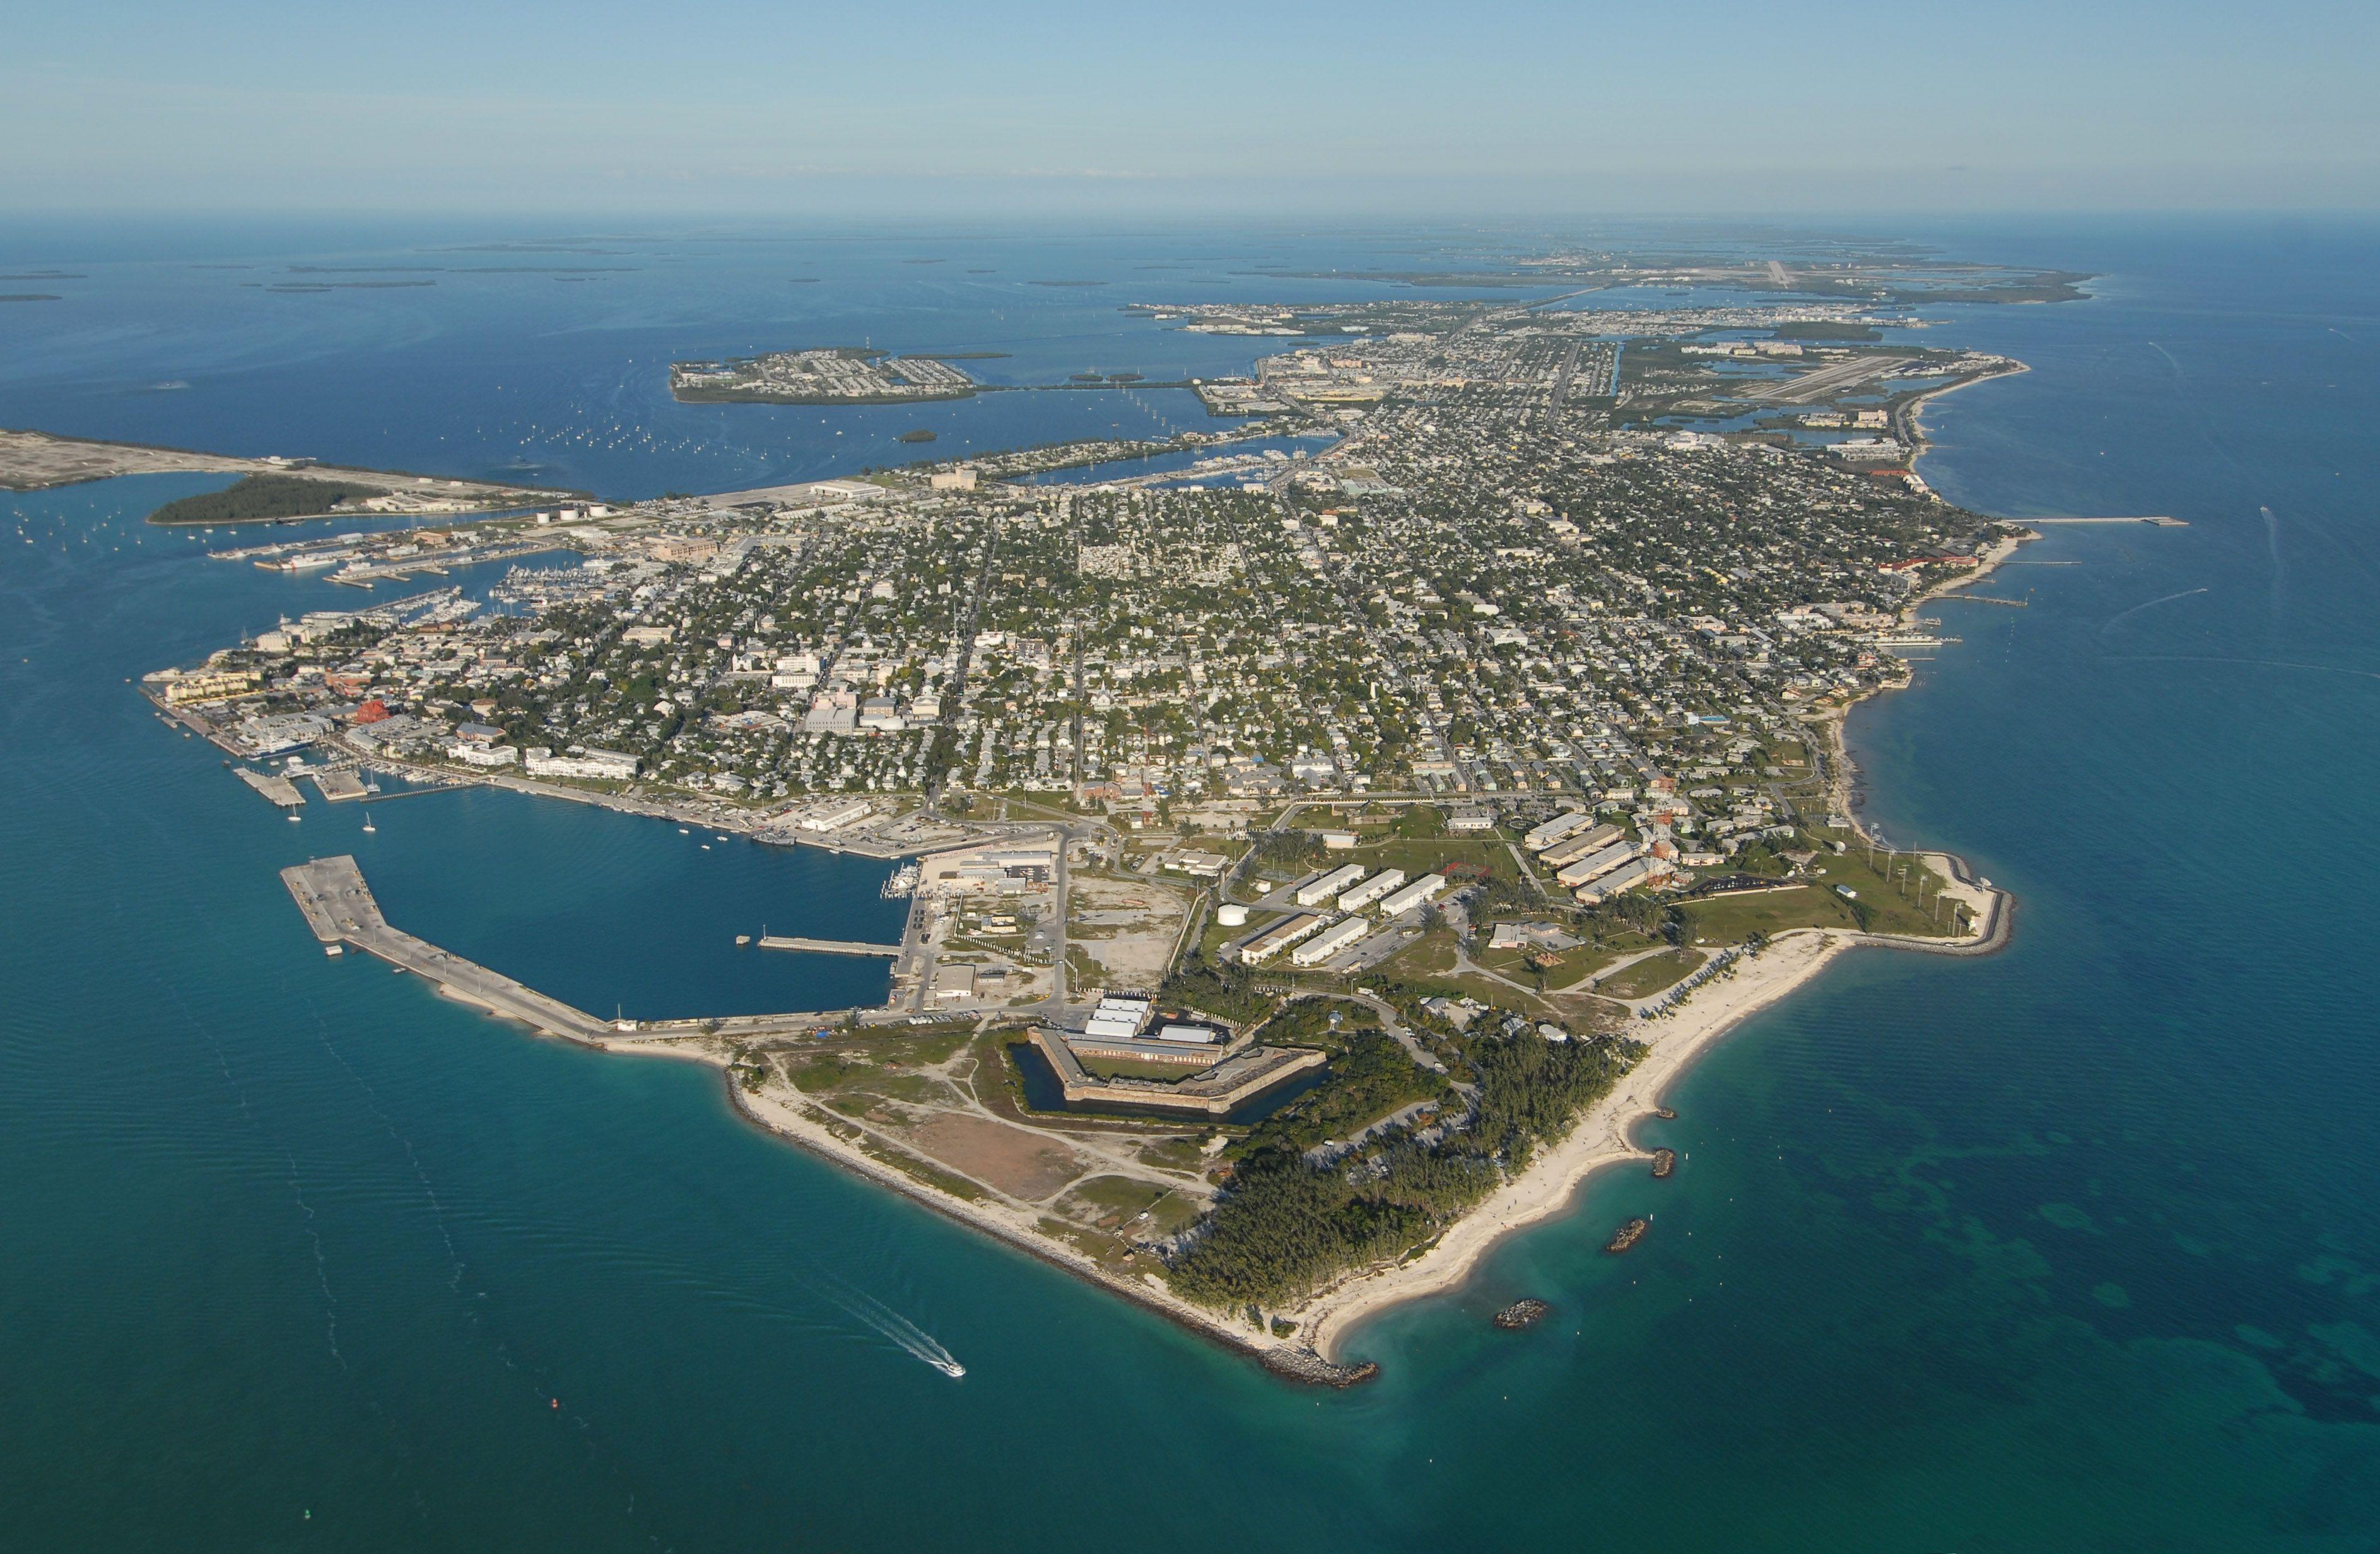 Key West (Floride - USA)  extrémité sud des USA - à 160 kms de Cuba